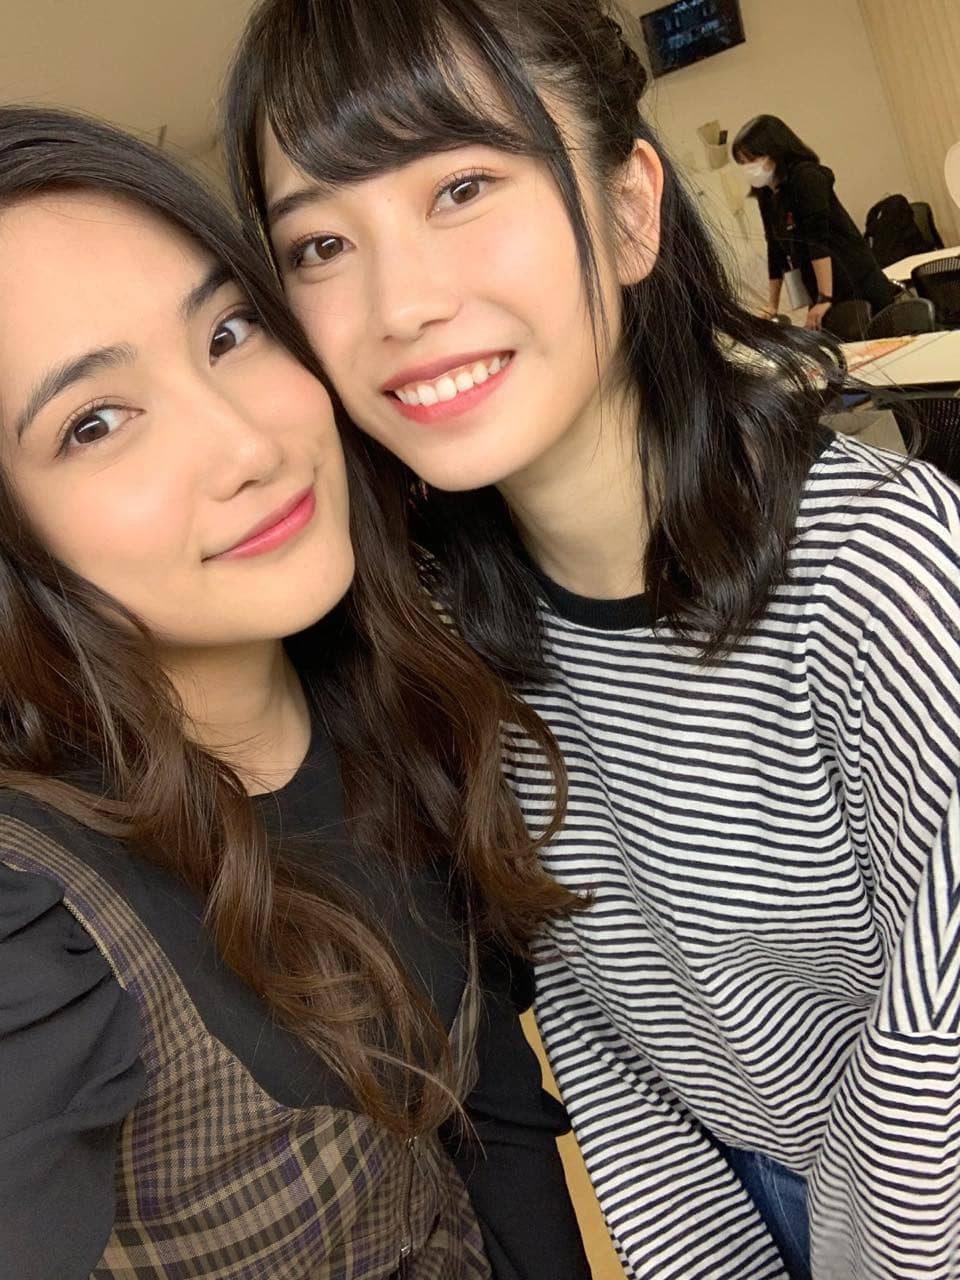 AKB48入山杏奈「まだ卒業してないですよ〜☺️笑」